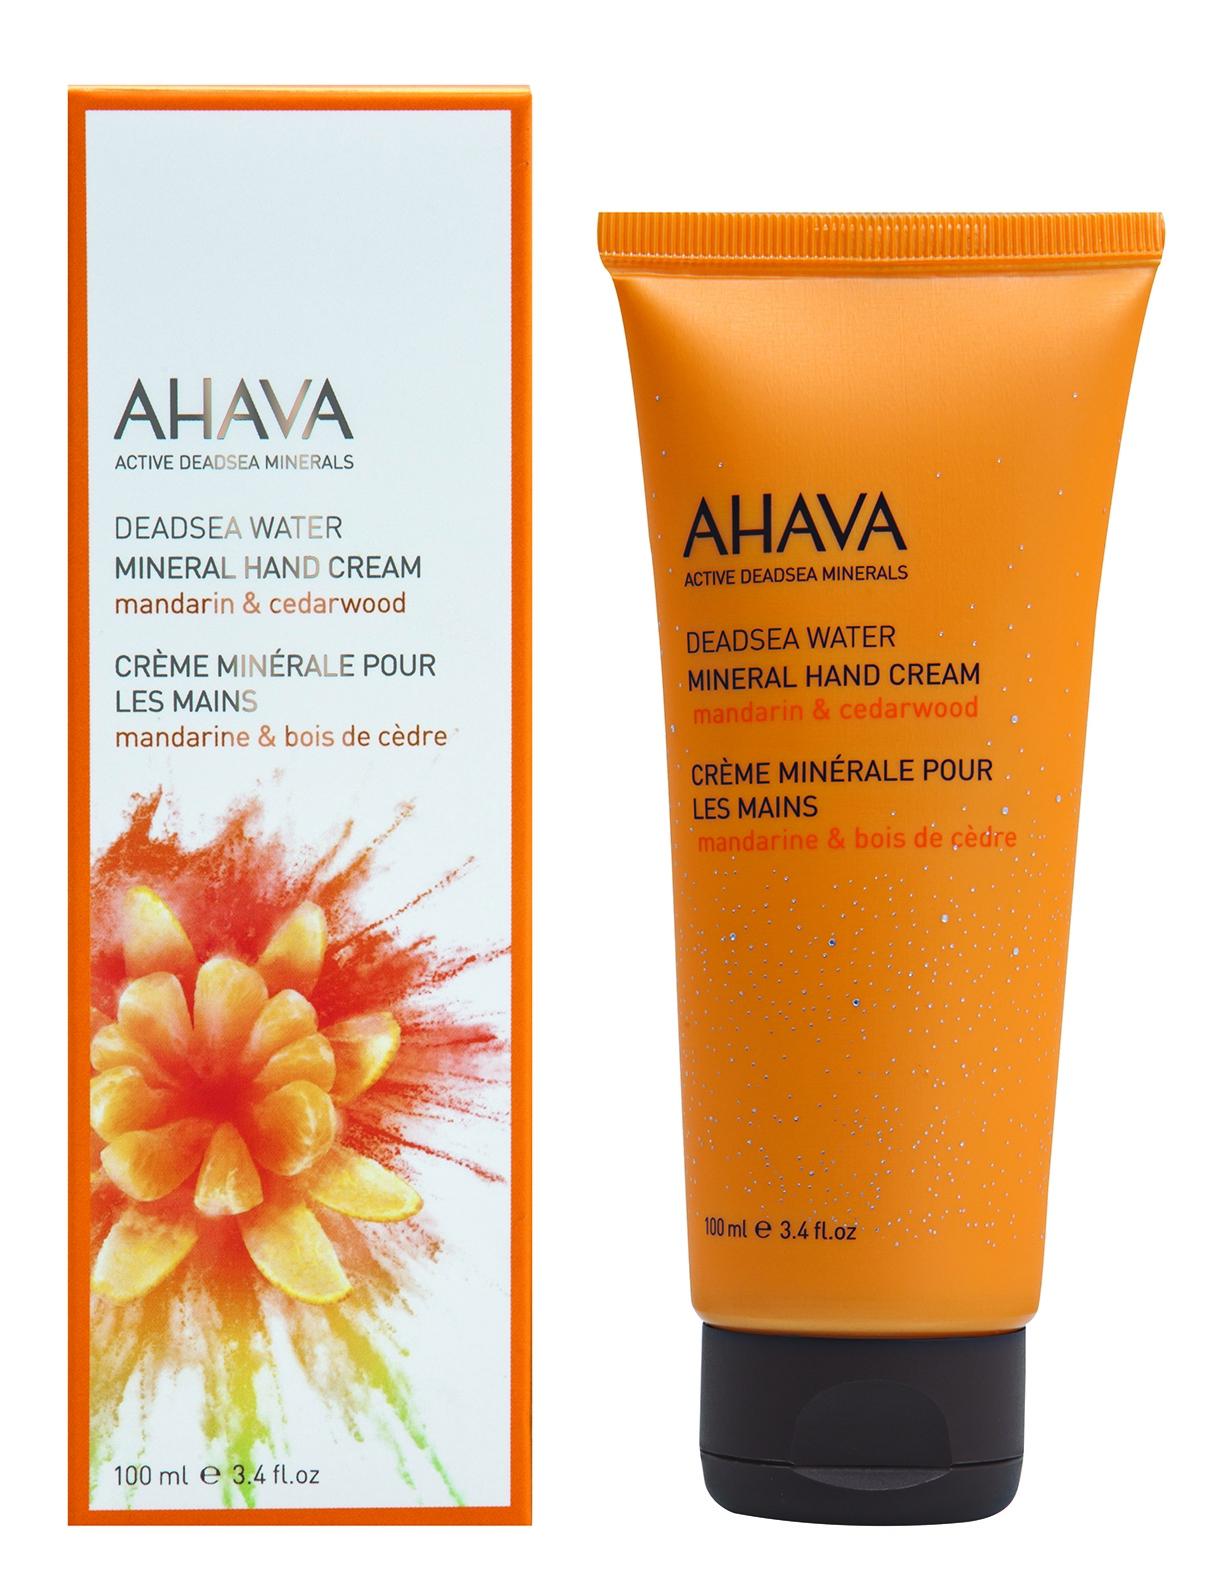 AHAVA Крем минеральный для рук, мандарин и кедр / Deadsea Water 100 мл -  Кремы